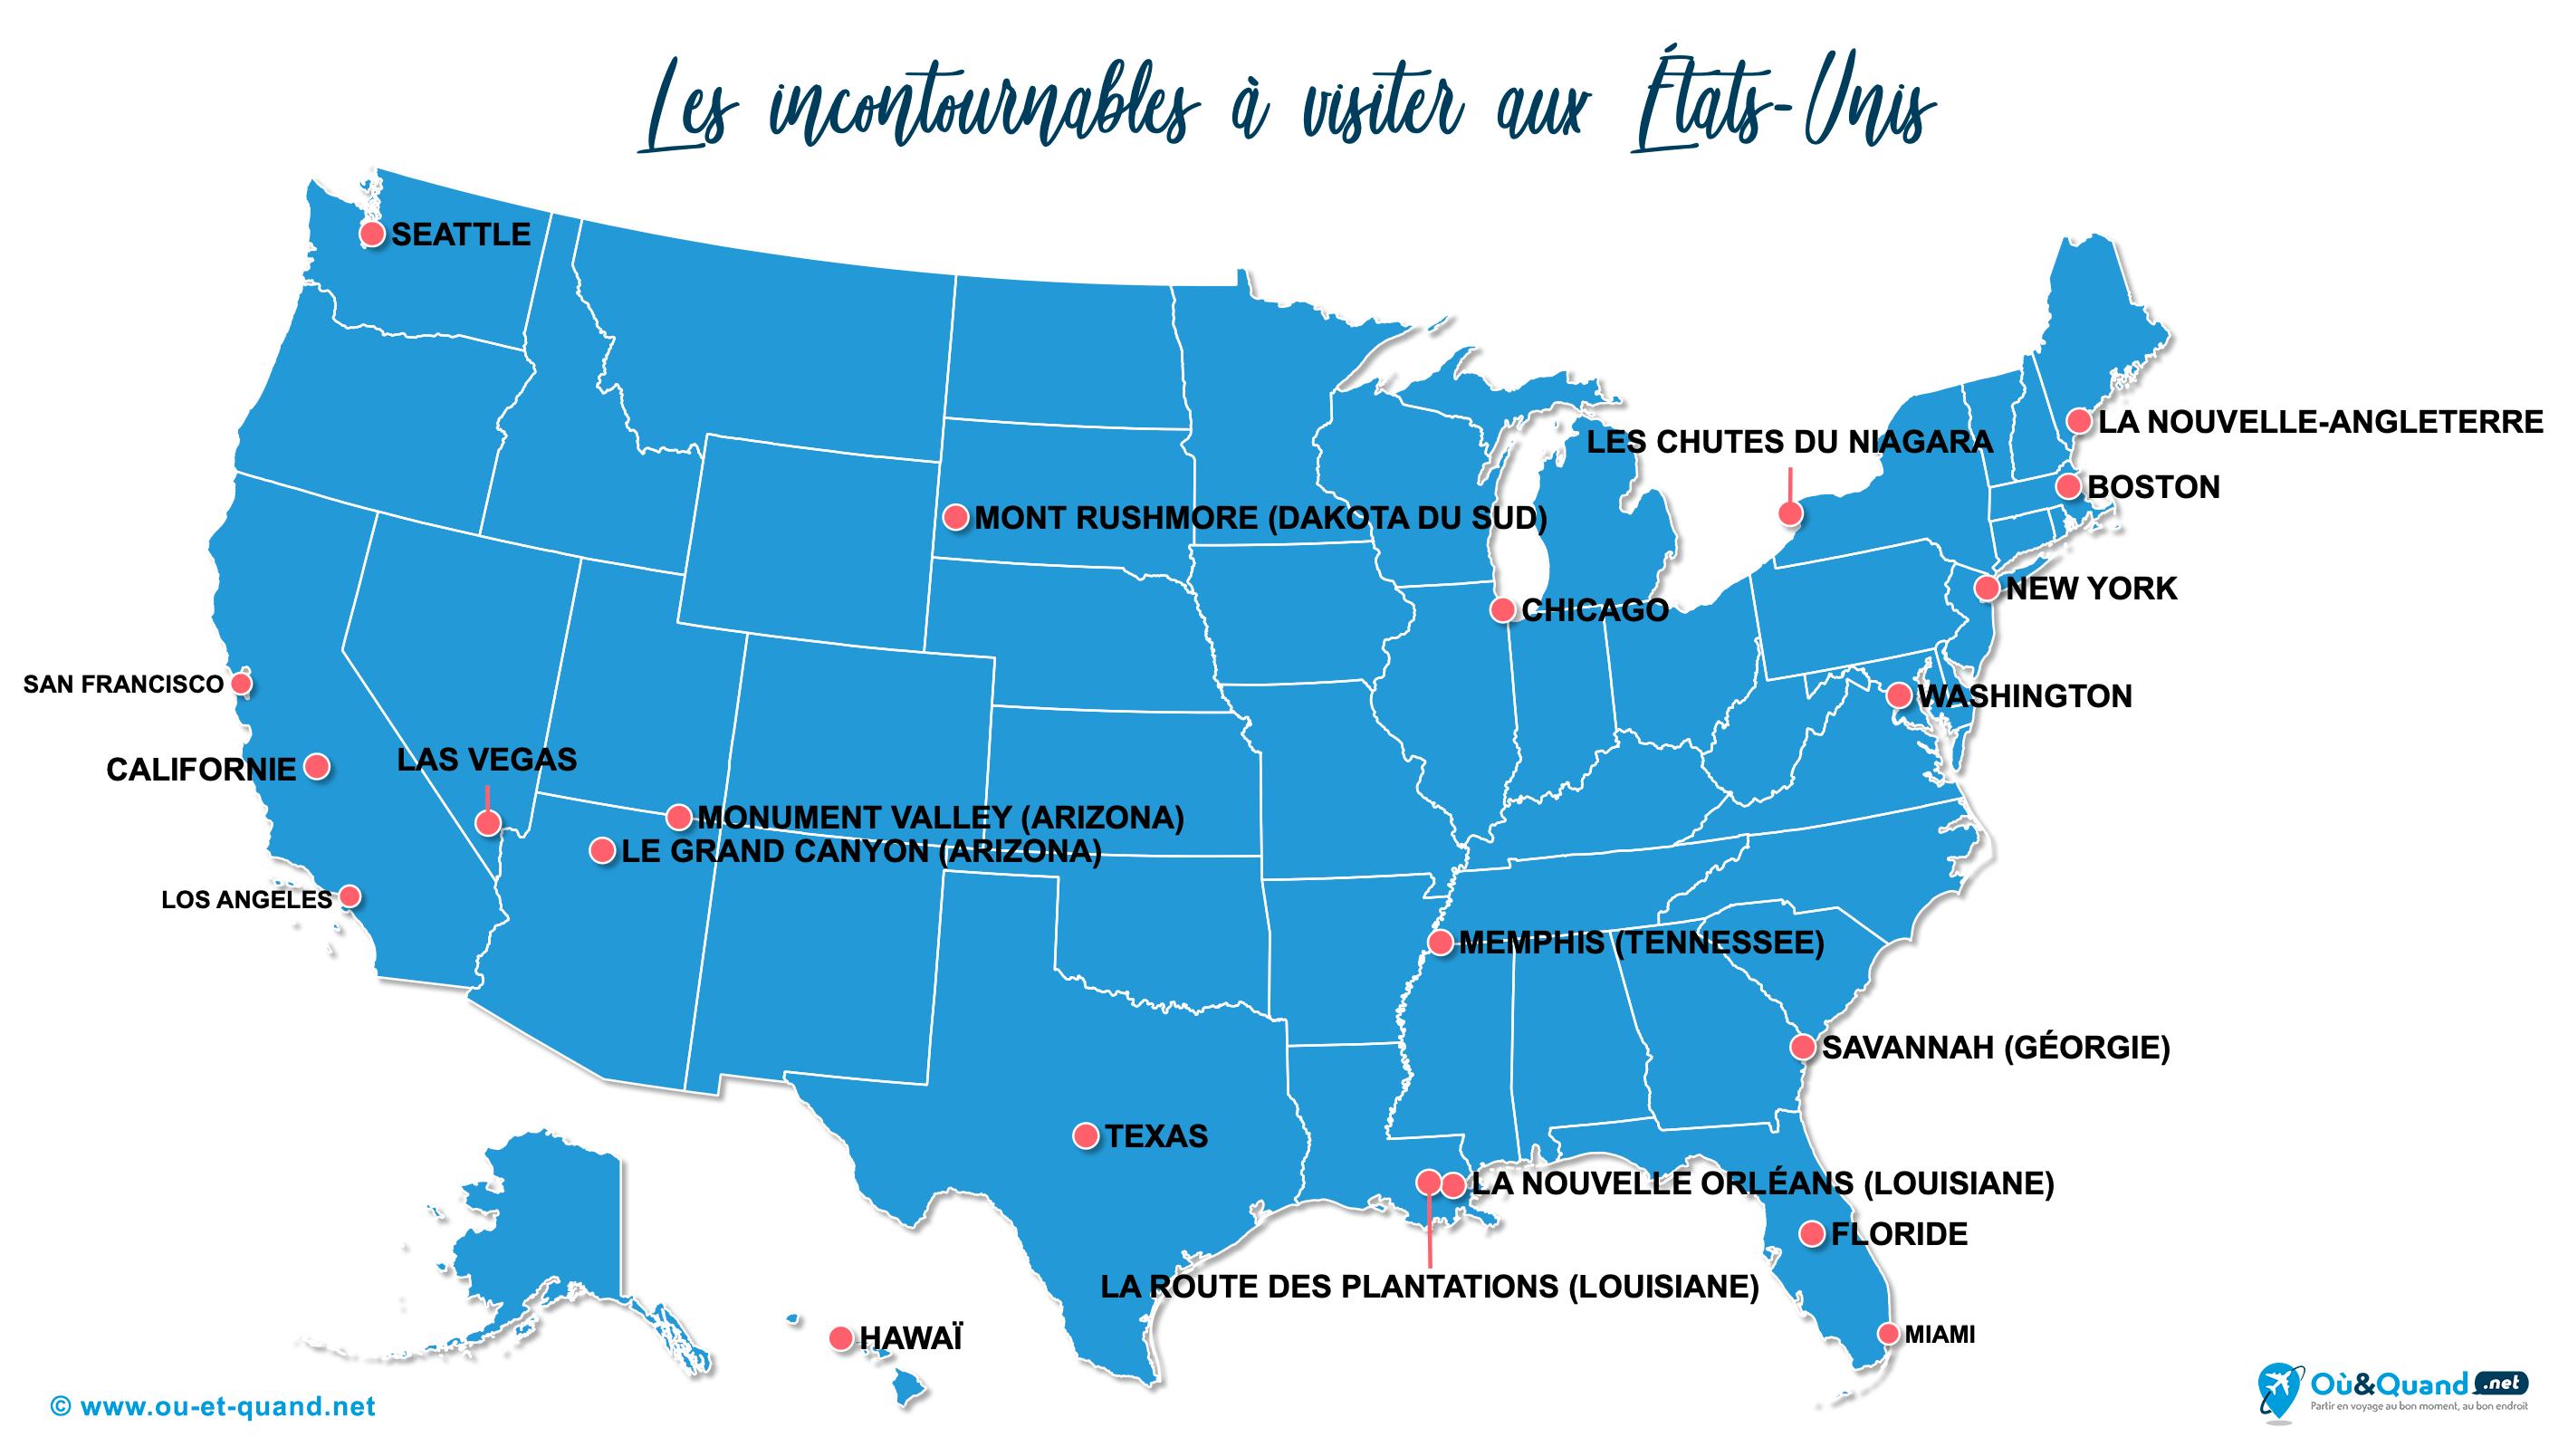 Carte États-Unis (USA) : Les lieux incontournables aux États-Unis